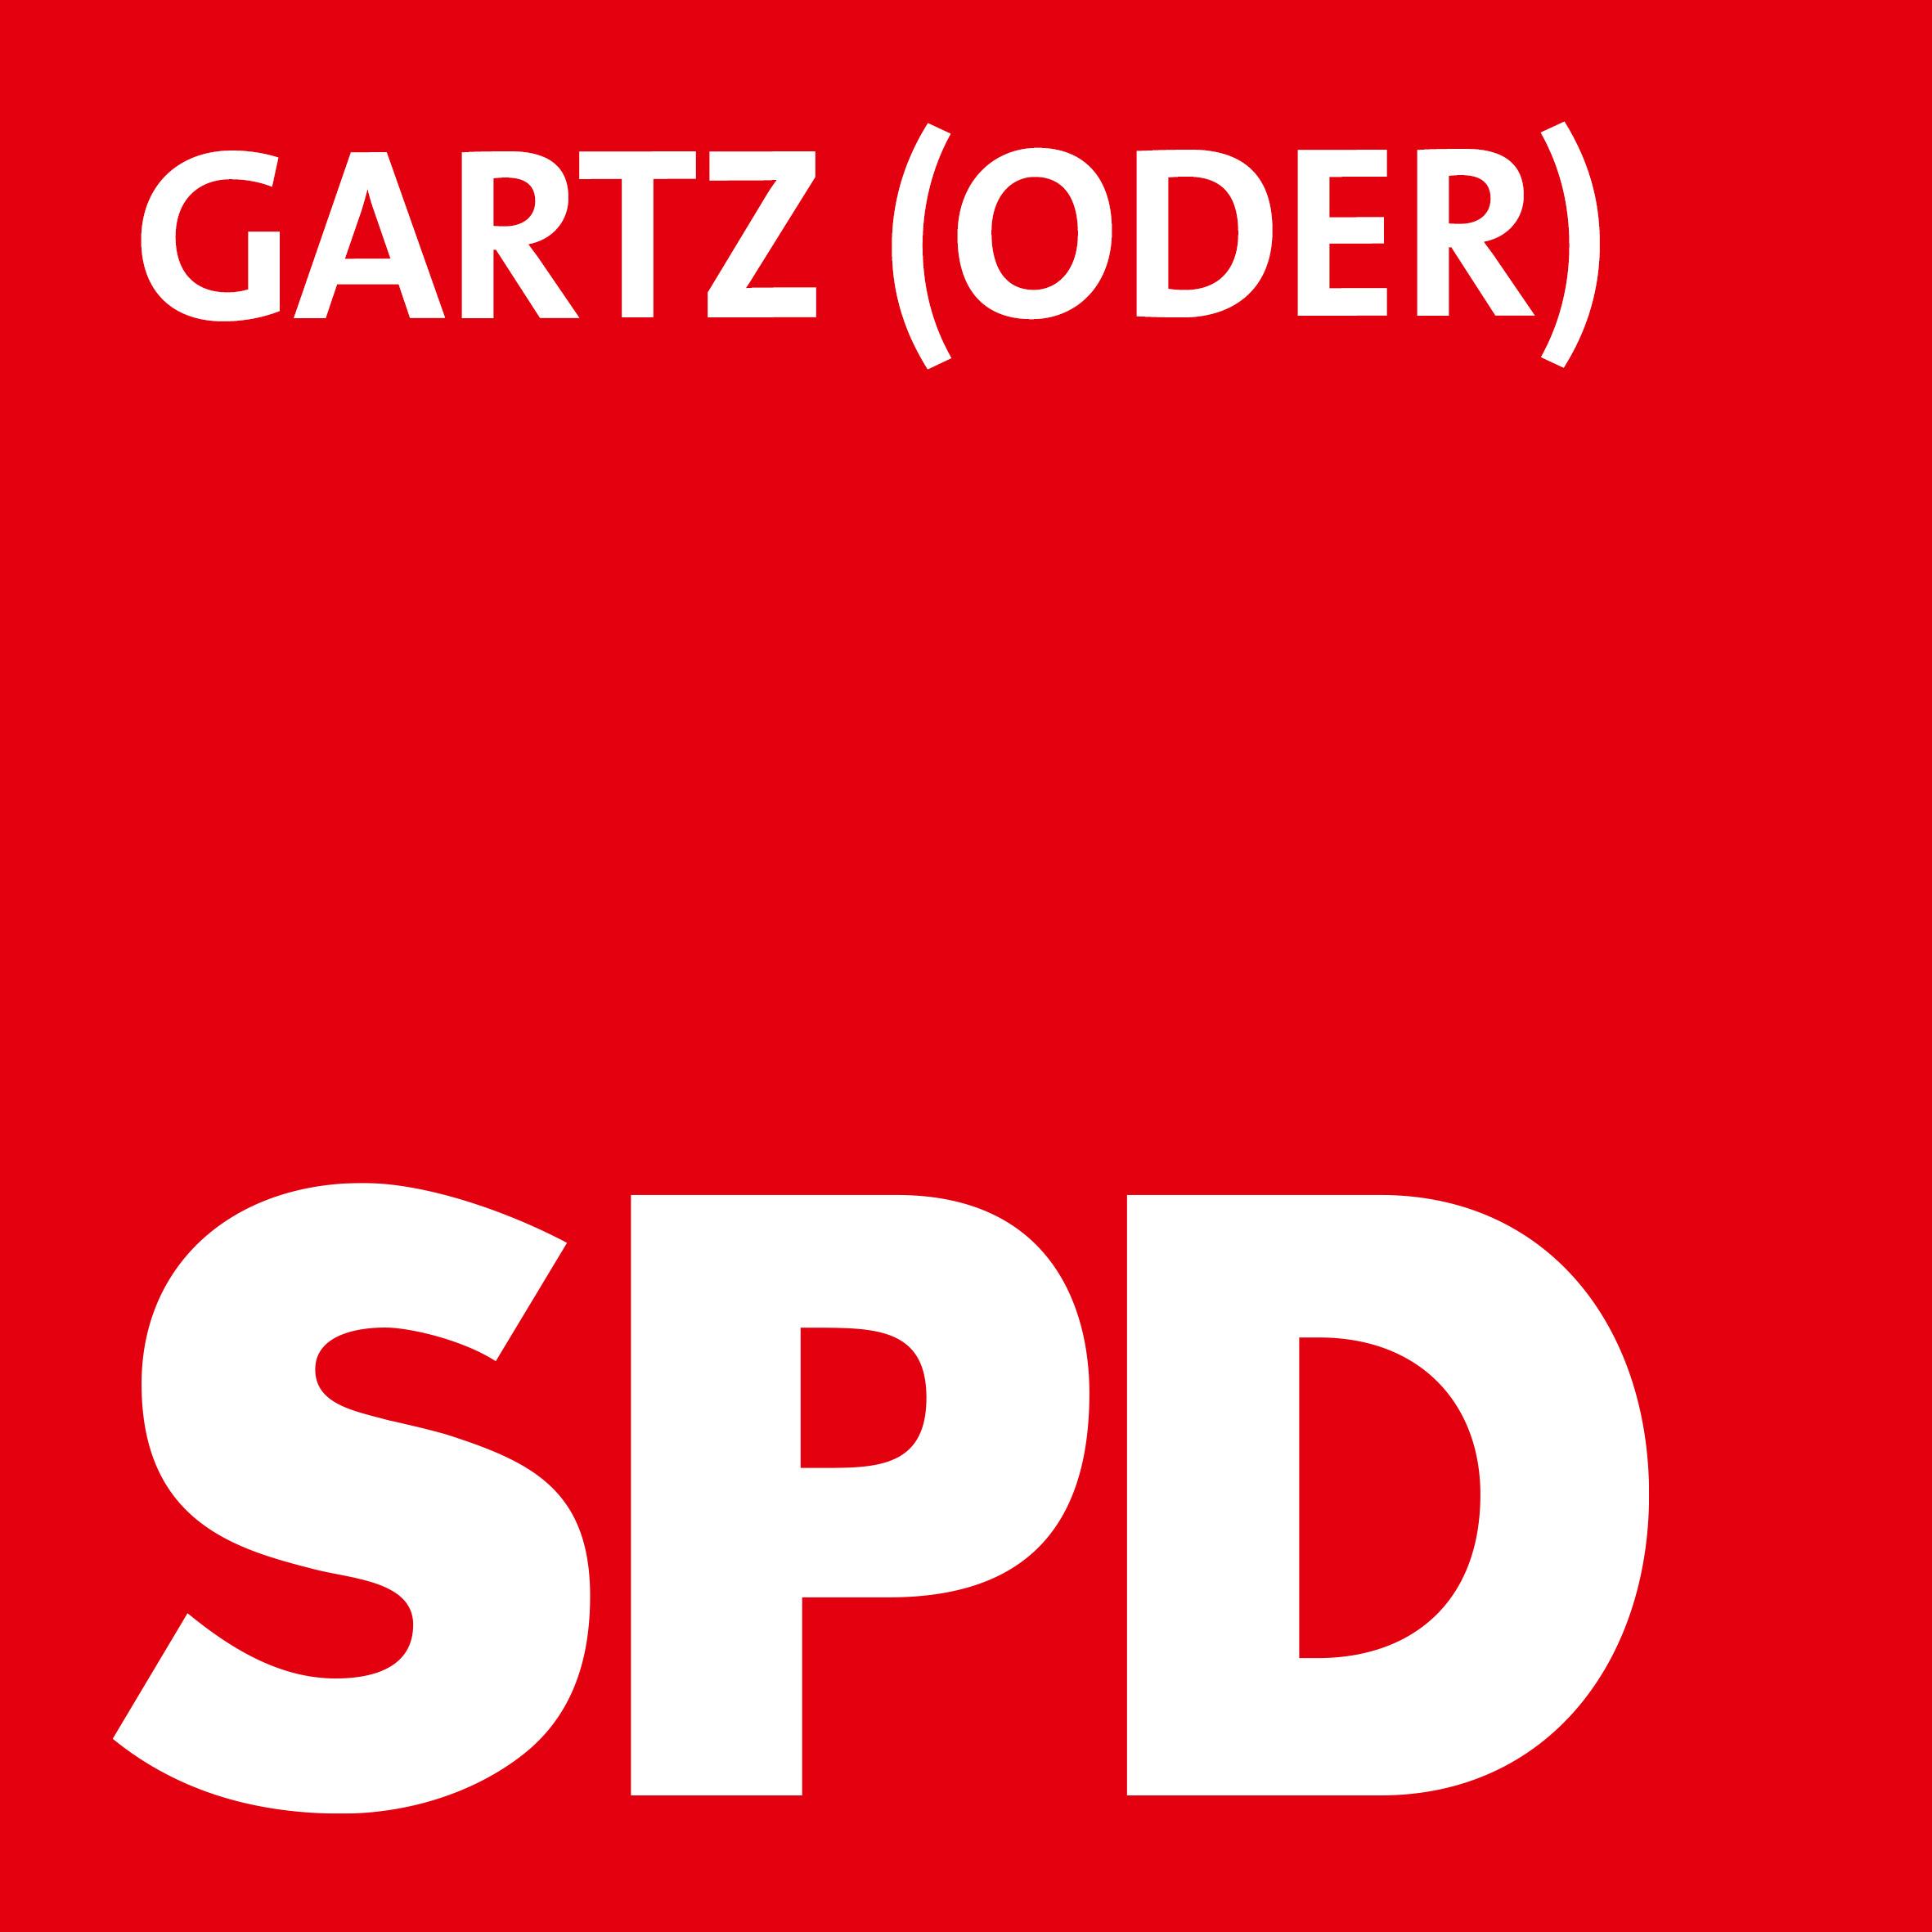 SPD Gartz (Oder)